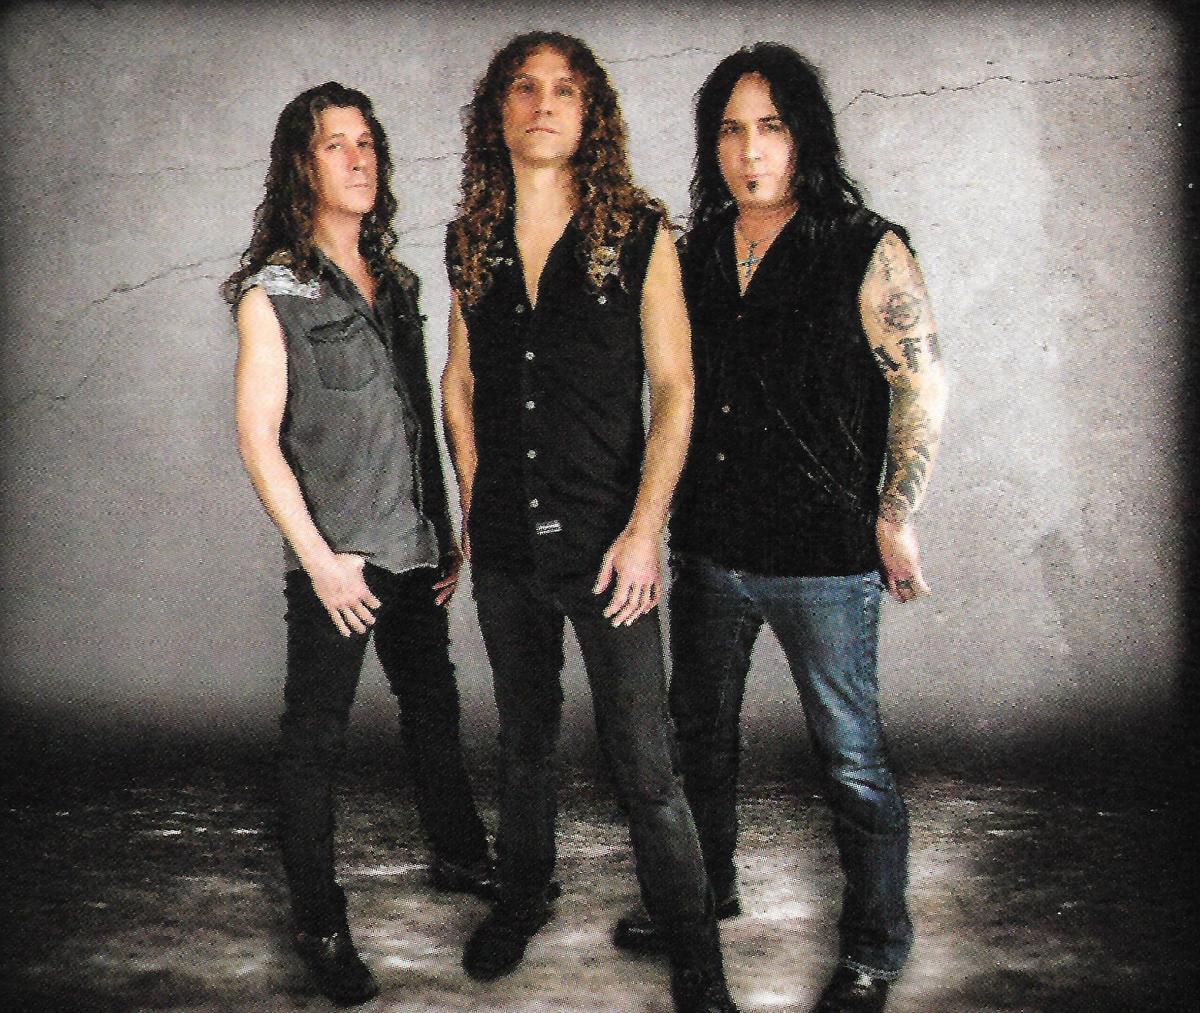 99 Crimes, L-R: Jeff Lynn (bass, vocals); Paul Lidel (guitar, lead vocals); Chris Jordan (drums)